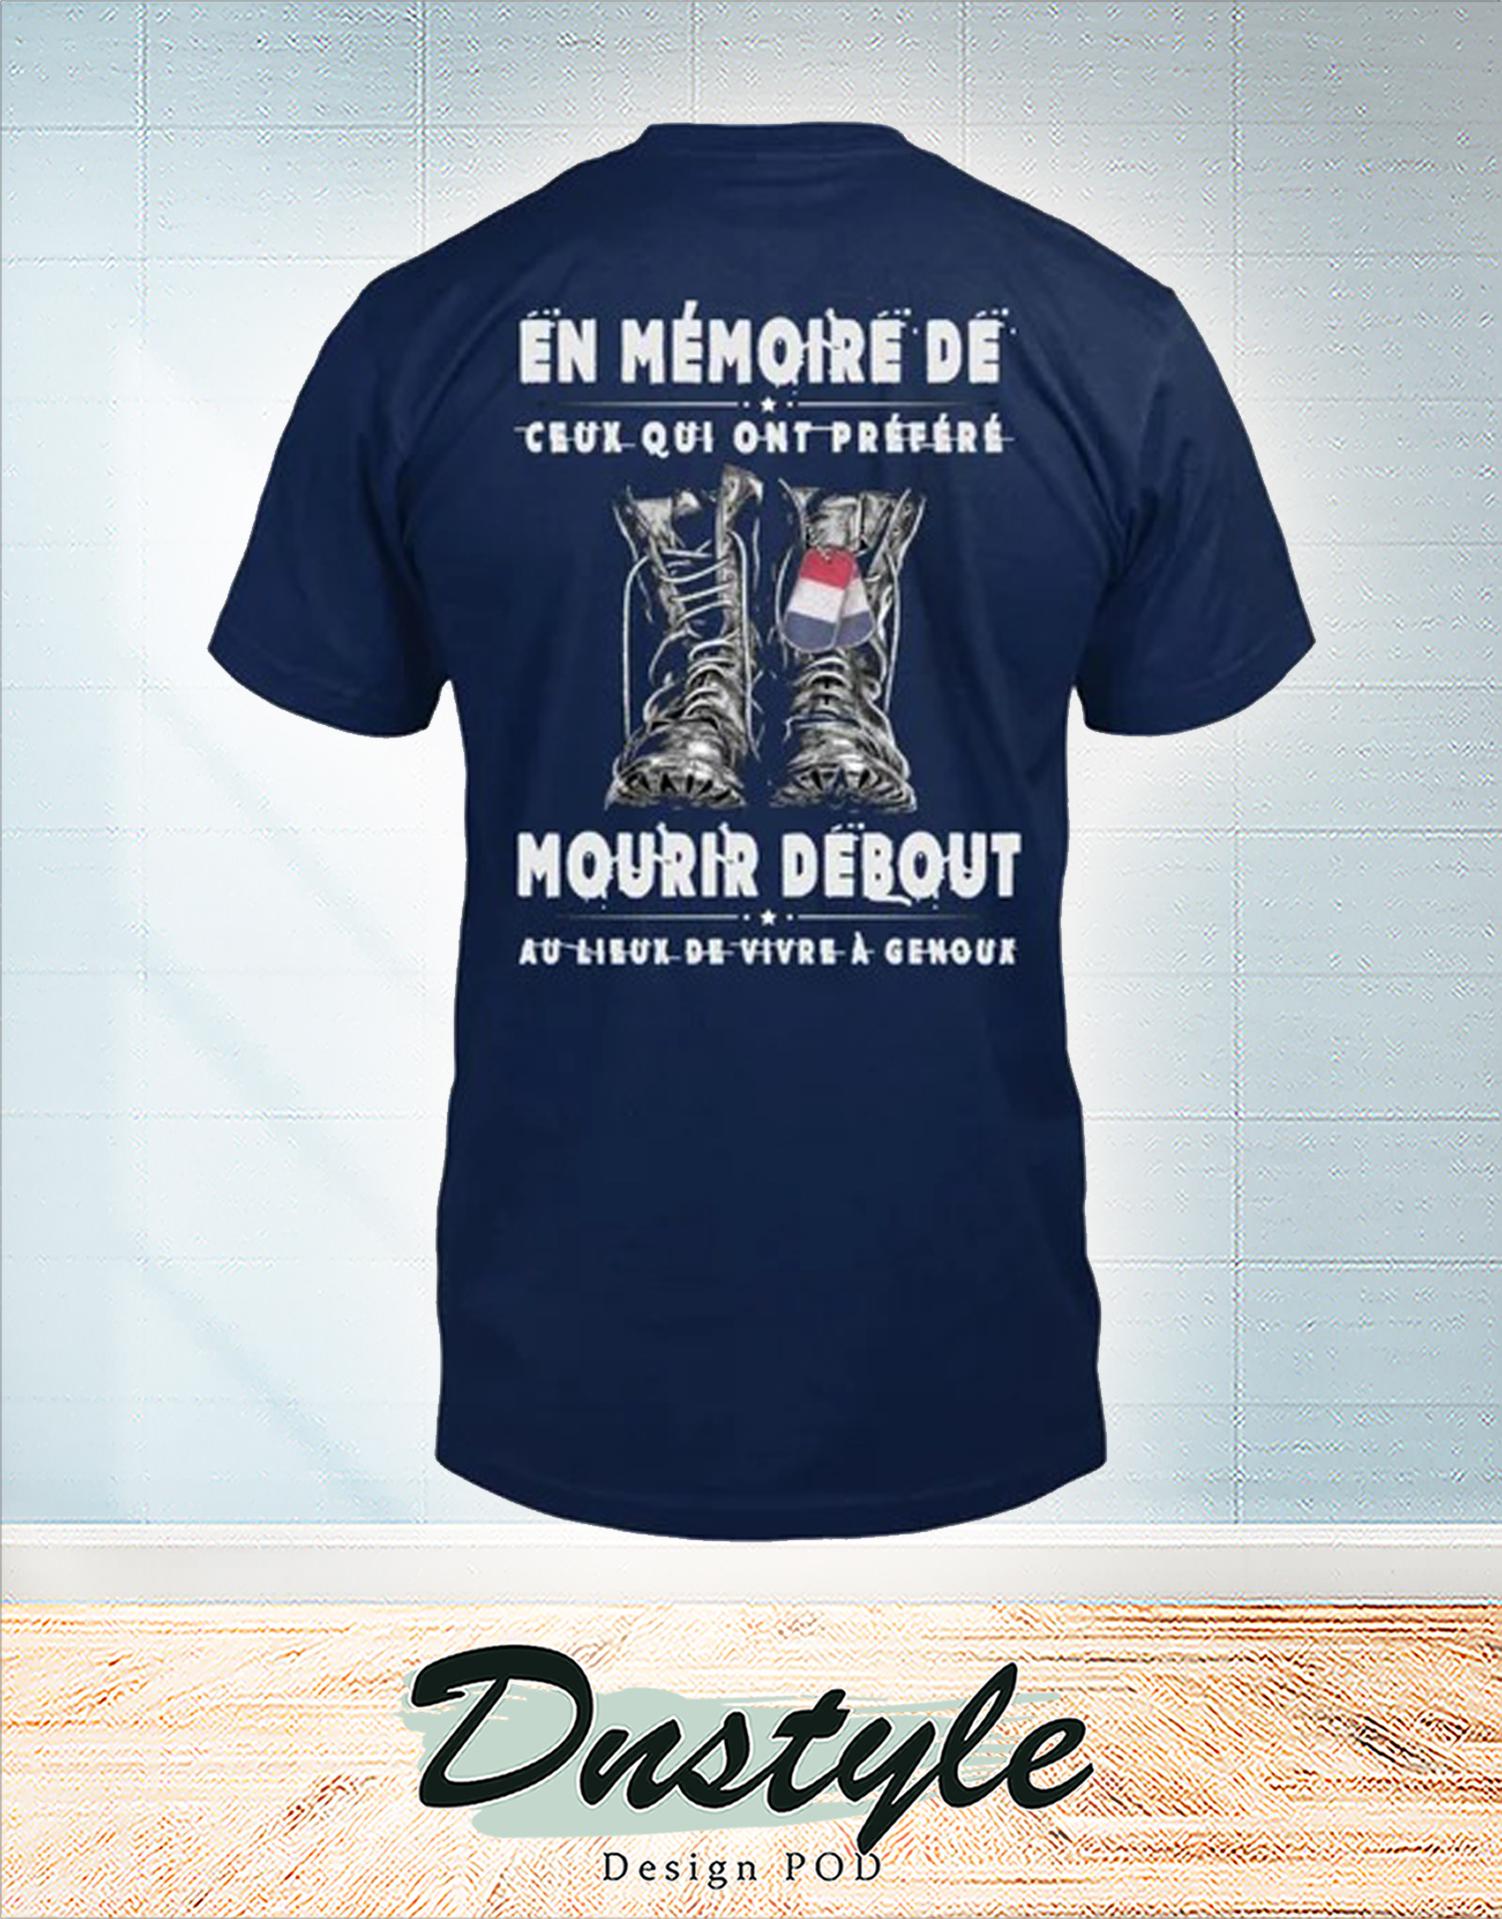 En mémoire de ceux qui nous ont préféré mourir debout t-shirt